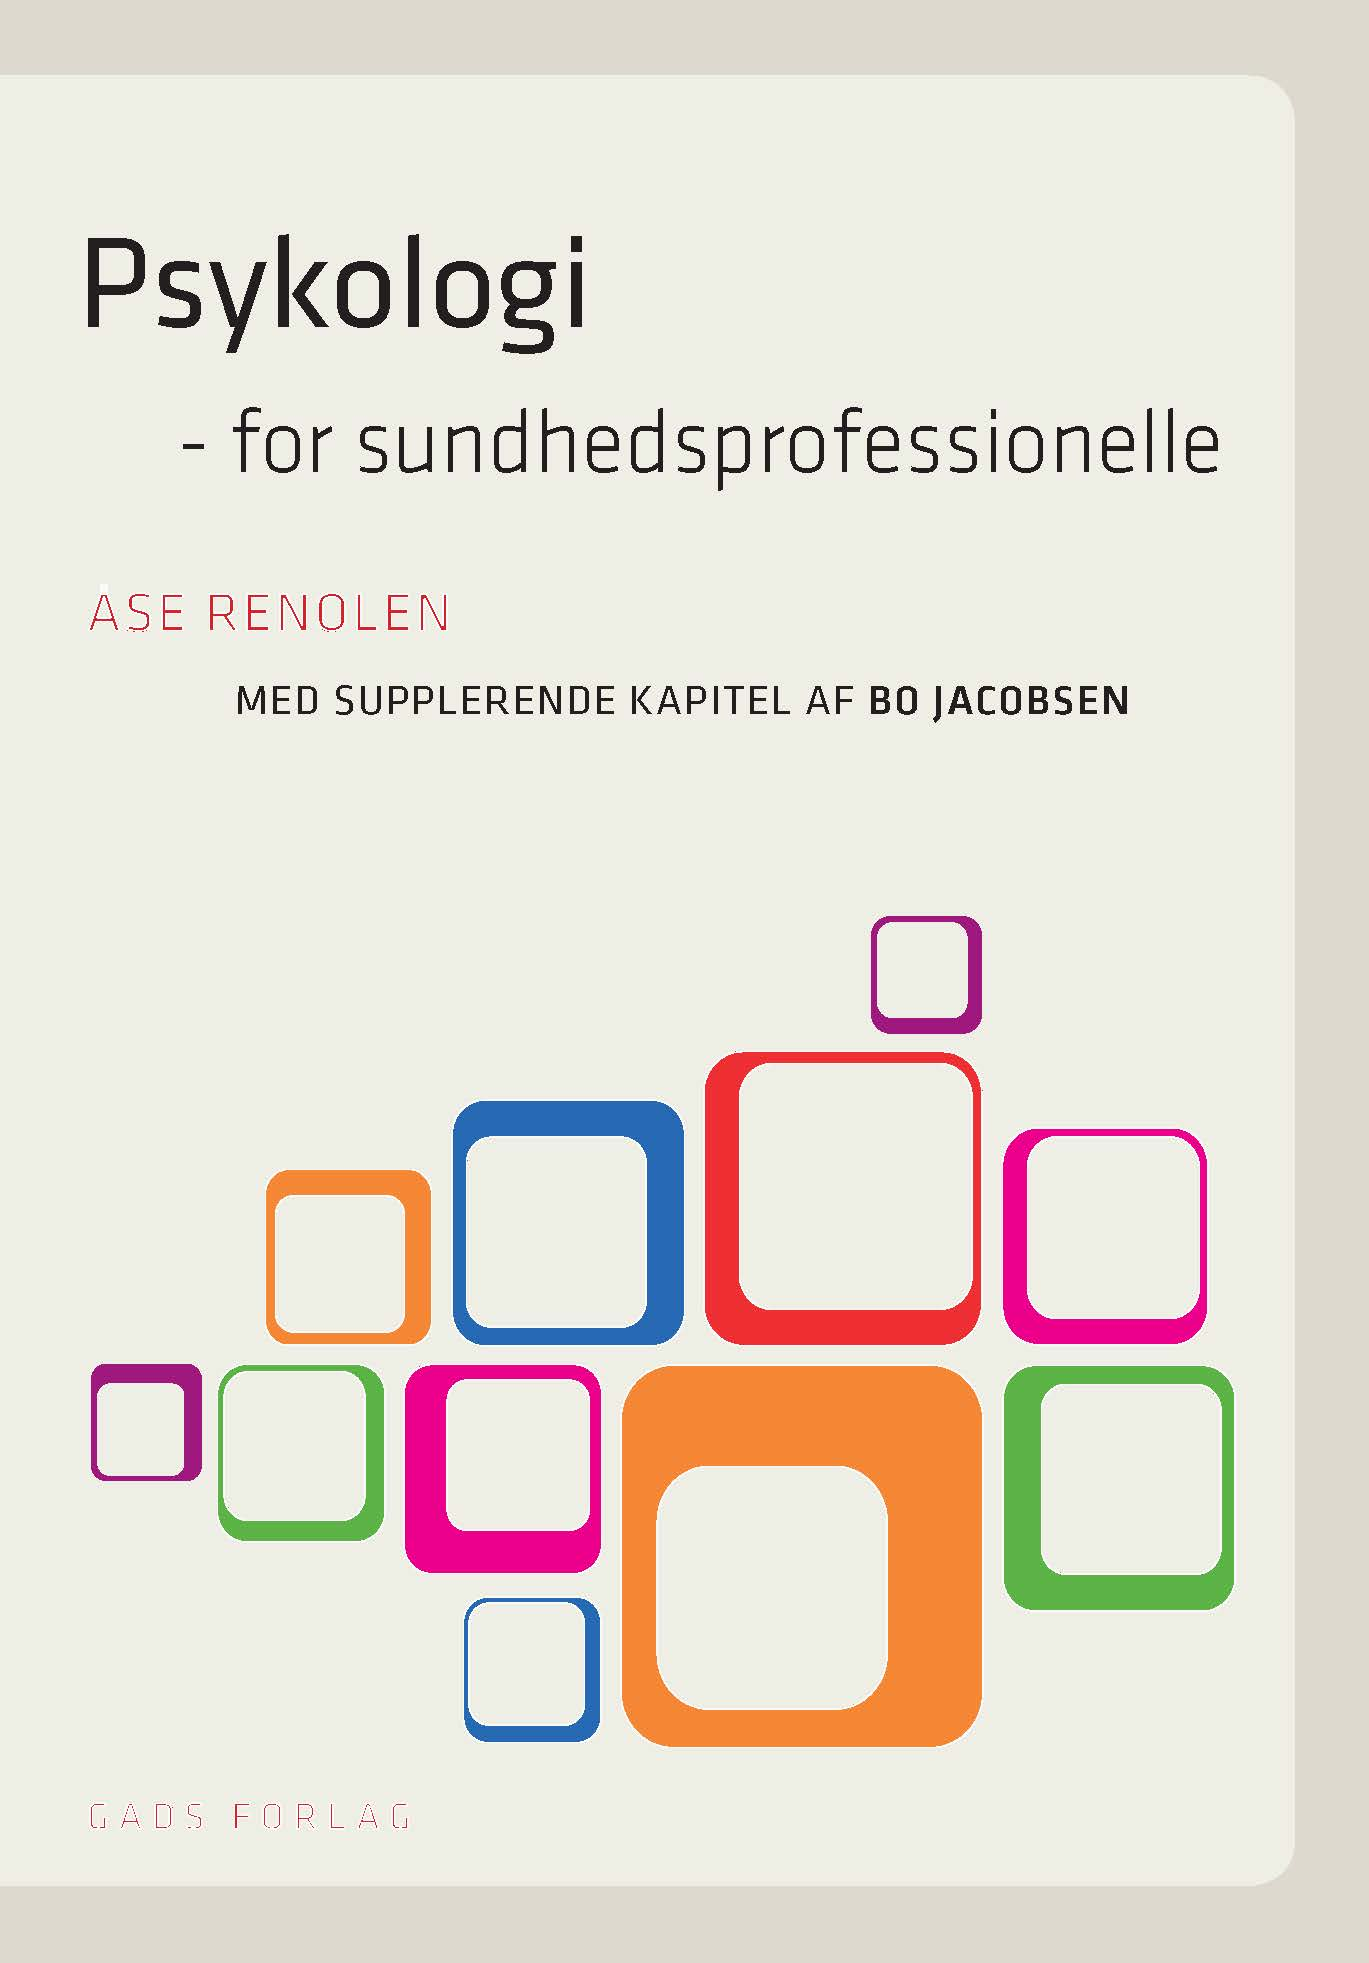 Psykologi - for sundhedsprofessionelle